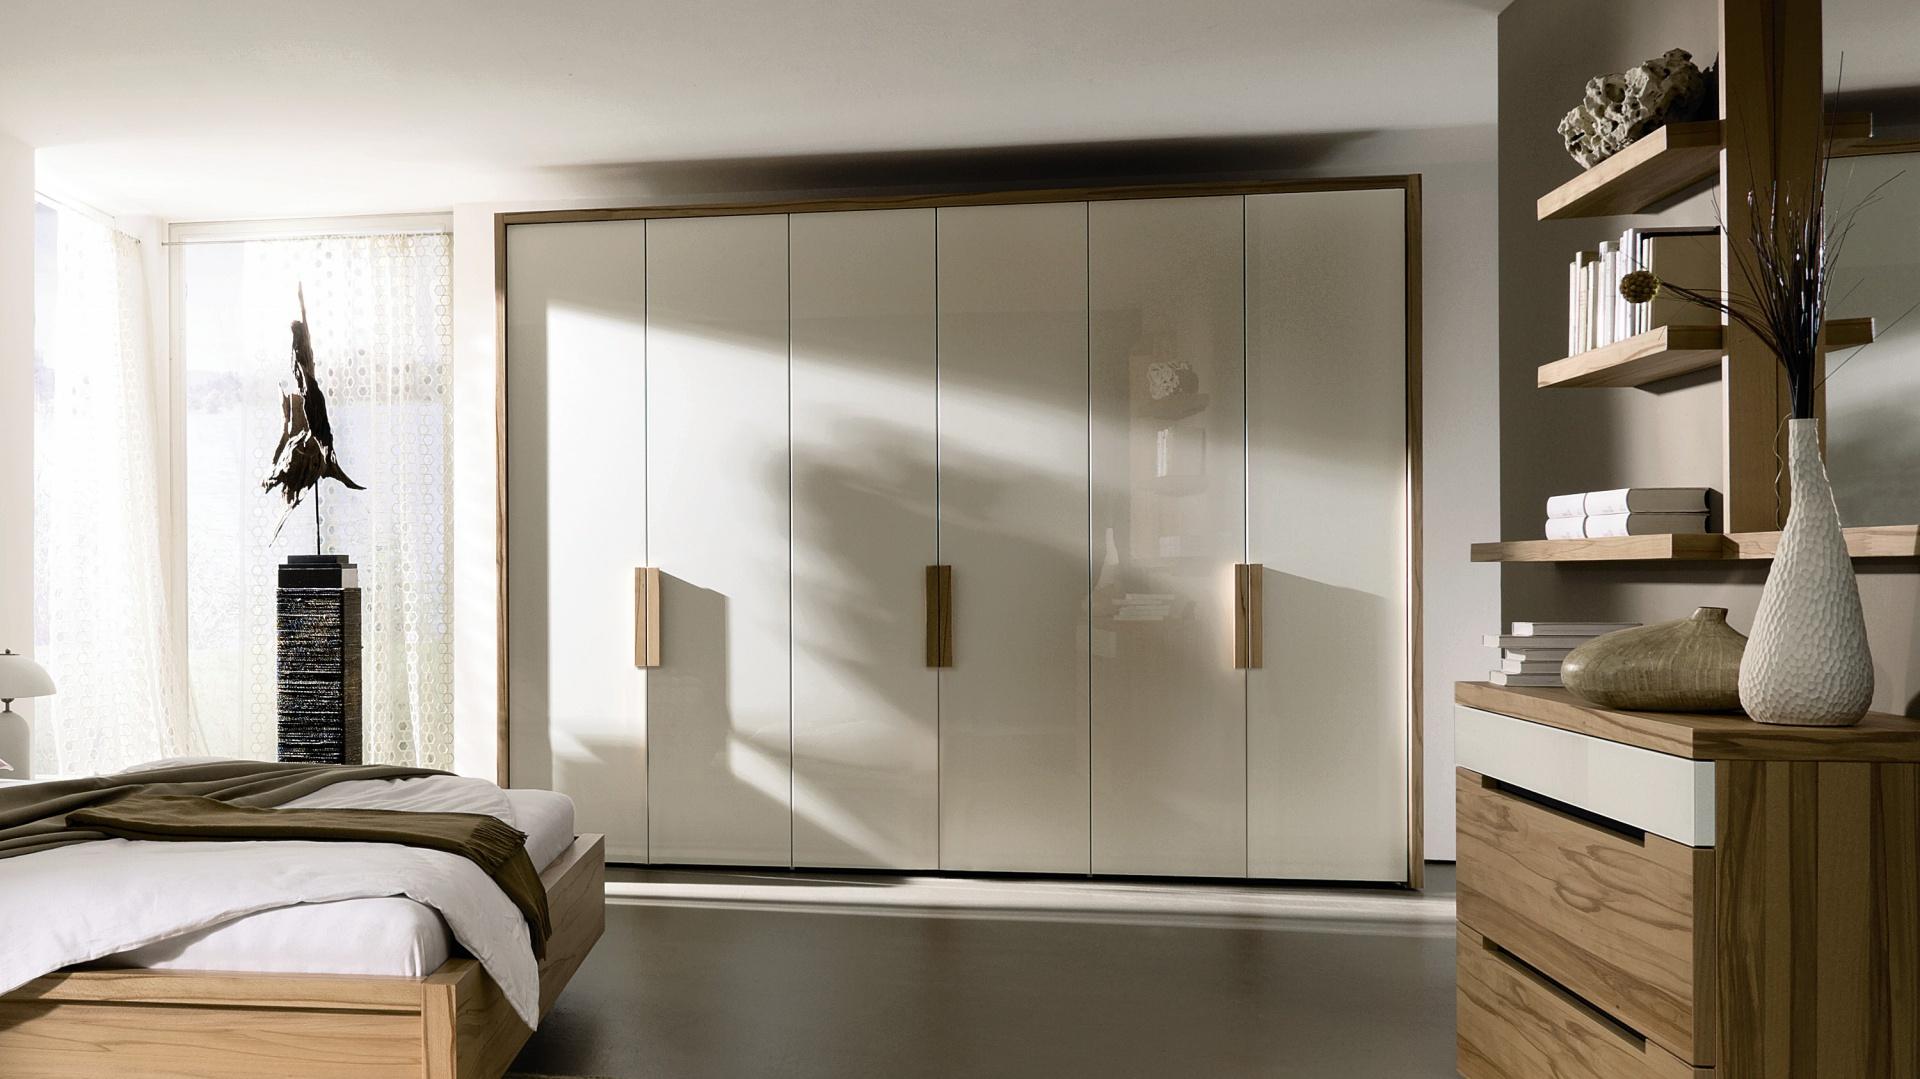 Wolnostojące szafy nie kojarzą się już z masywnymi i nieestetycznymi meblami. Współczesne modele są nowoczesne i piękne. Na zdjęciu szafa Ceposi. Fot. Hulsta.